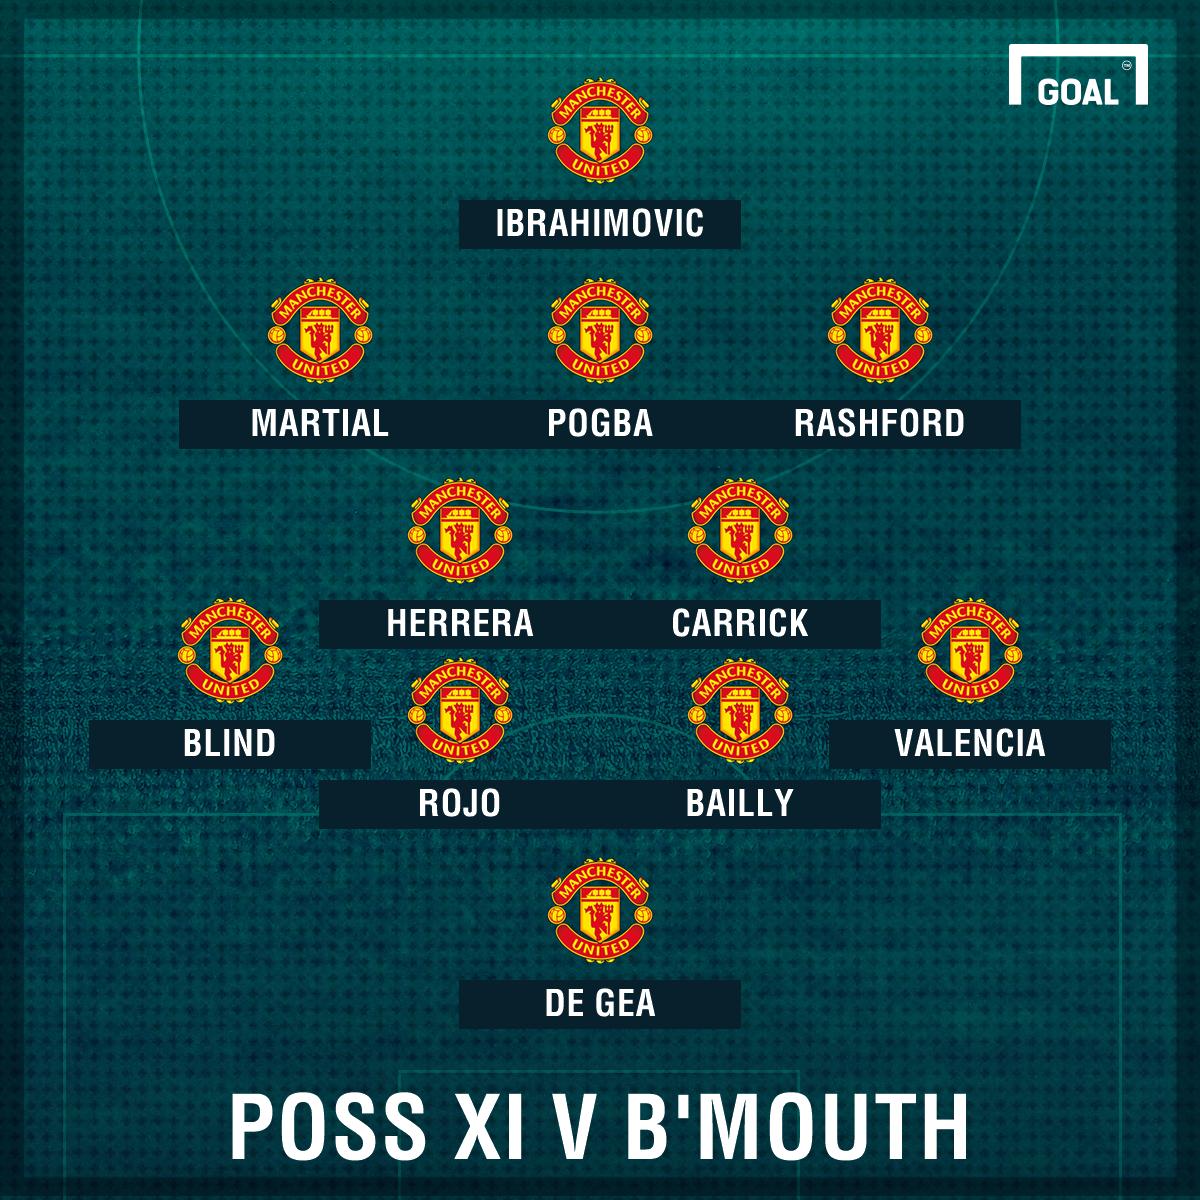 Man Utd poss XI